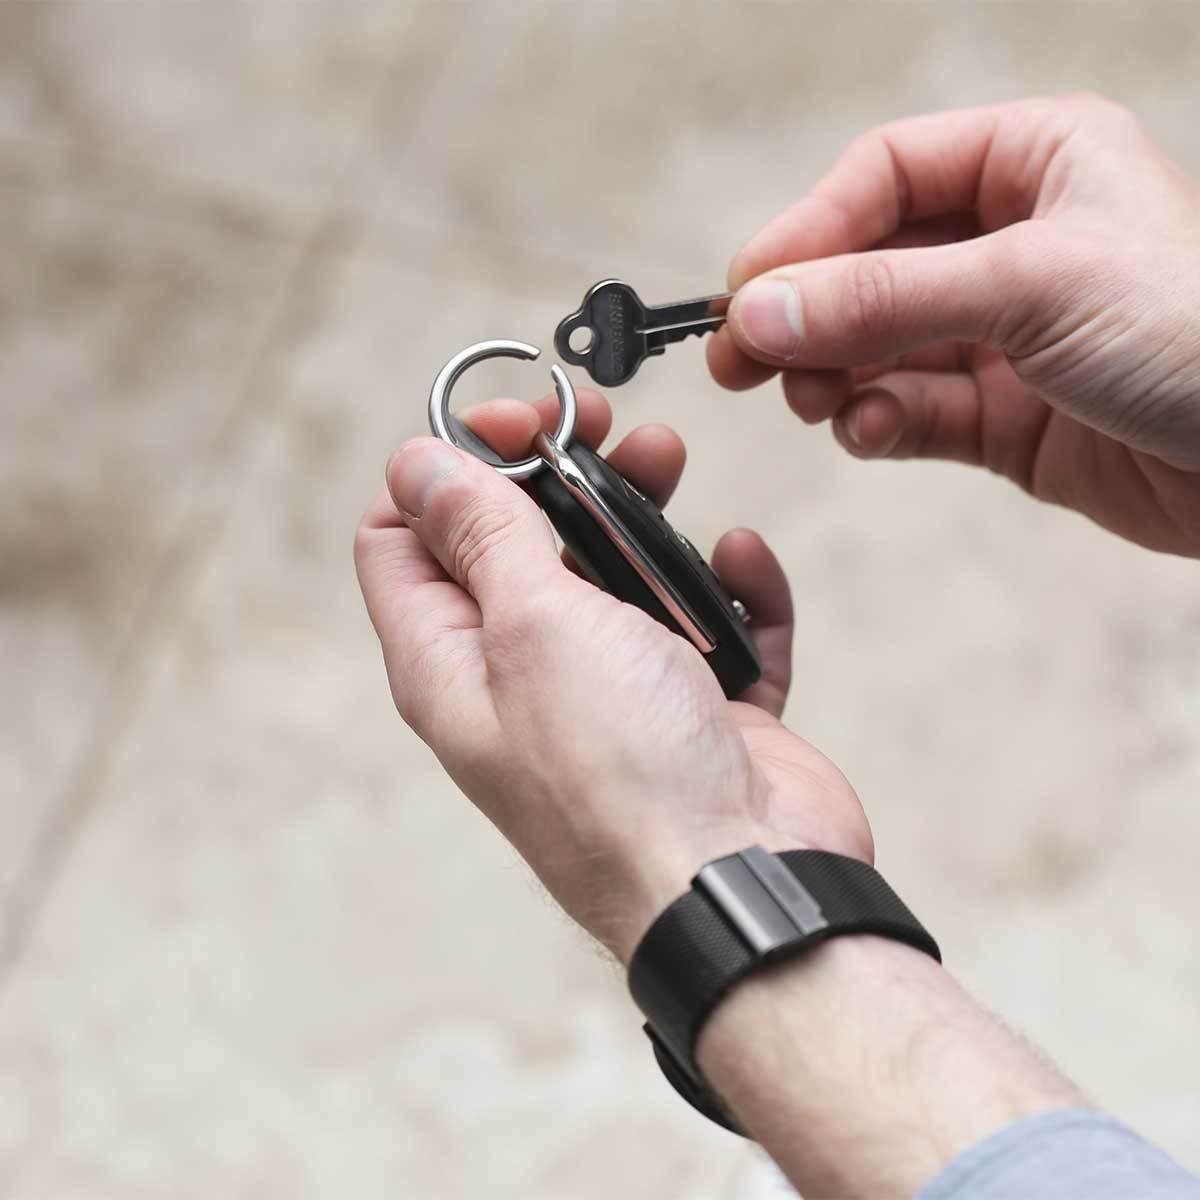 『鍵収納』をデザインする|《Orbitkeyオプション》電子キーもCHIPOLOもスマートに付けられるスライド式リング|Orbitkey Ring Allblack